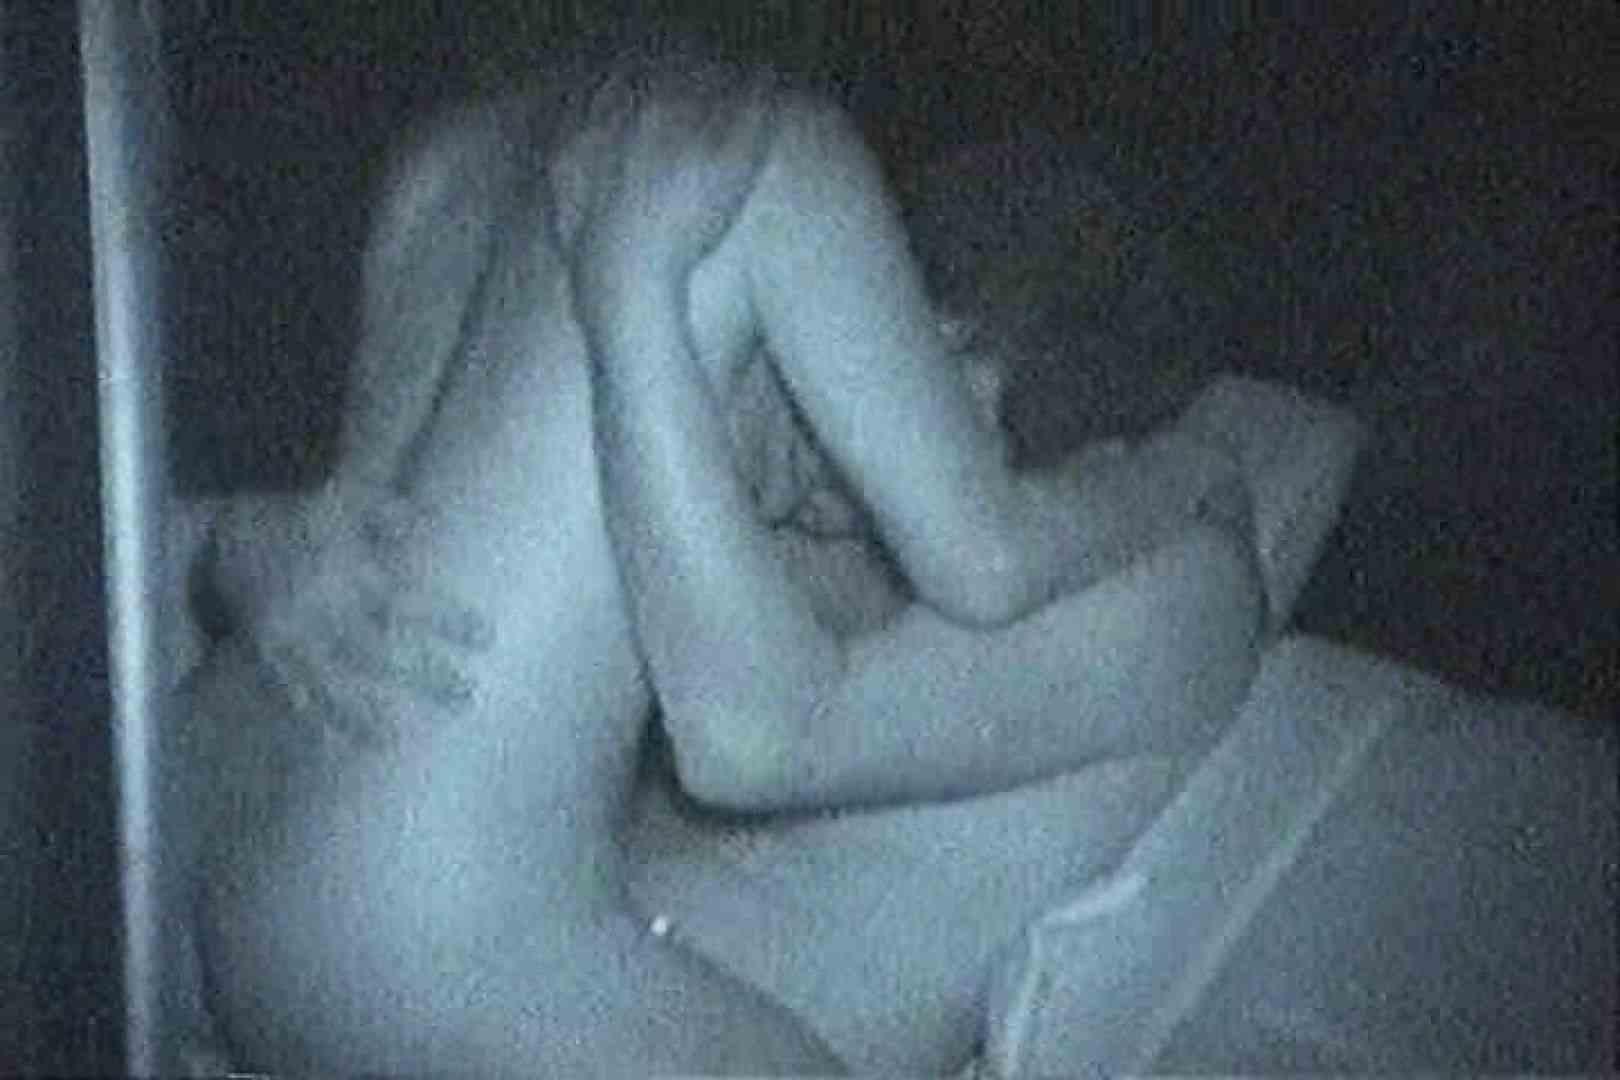 充血監督の深夜の運動会Vol.154 エロティックなOL | エッチなセックス  61画像 25